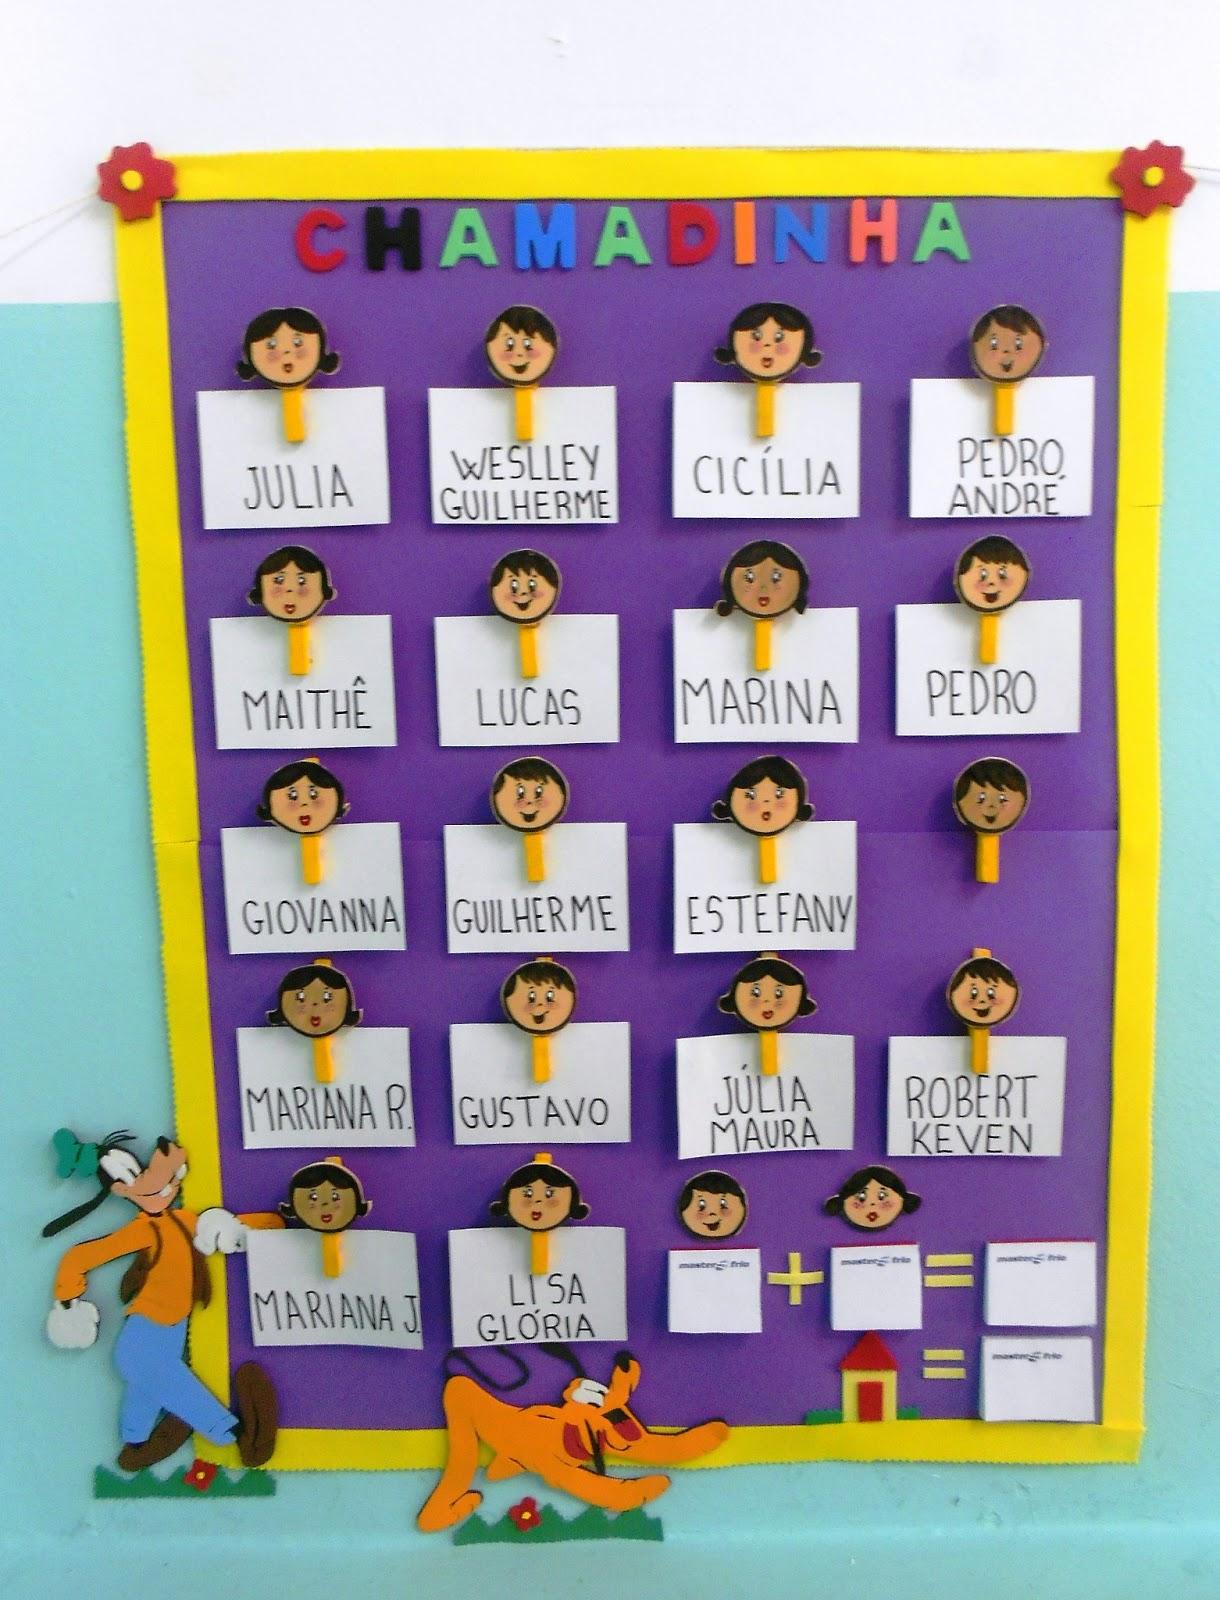 COLORIDO DA TIA SUH Dicas do que precisa ter em sua sala de aula